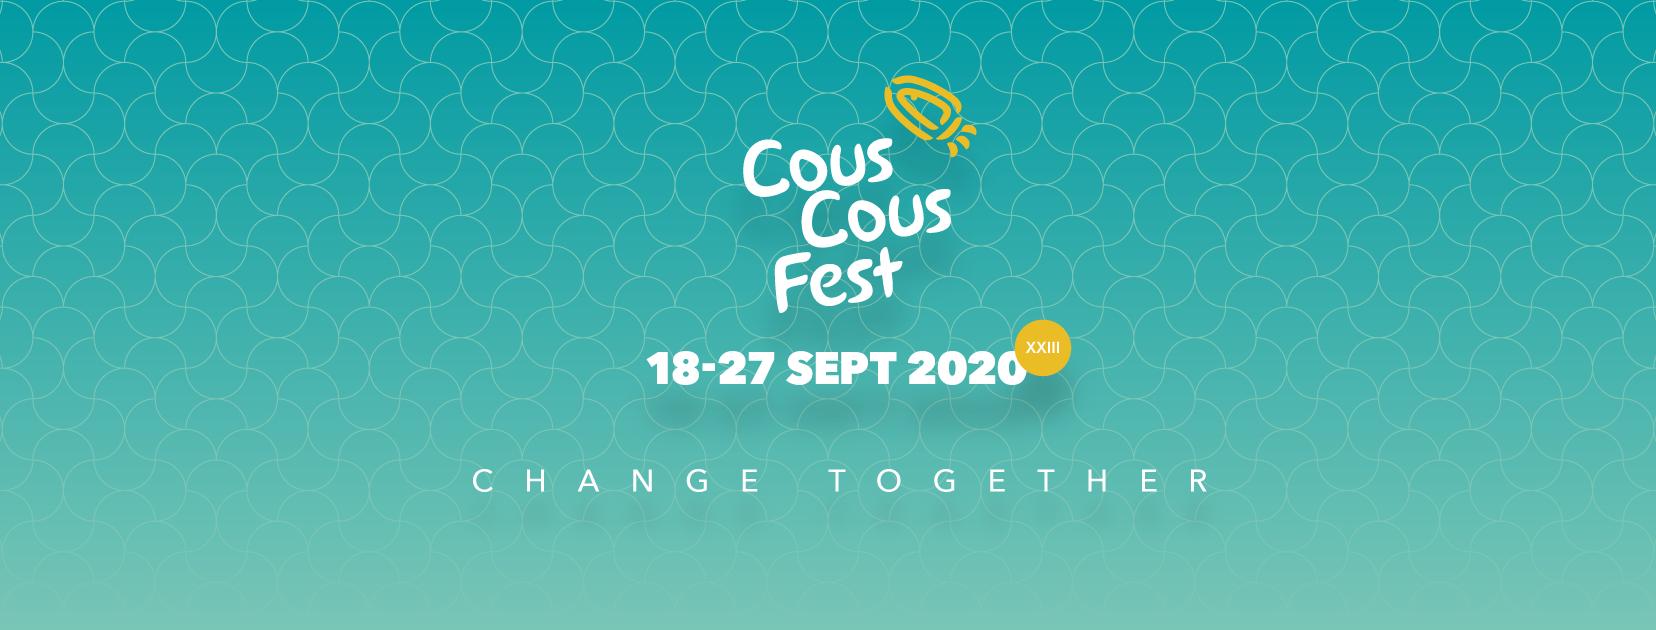 Cous Cous Festival 2020